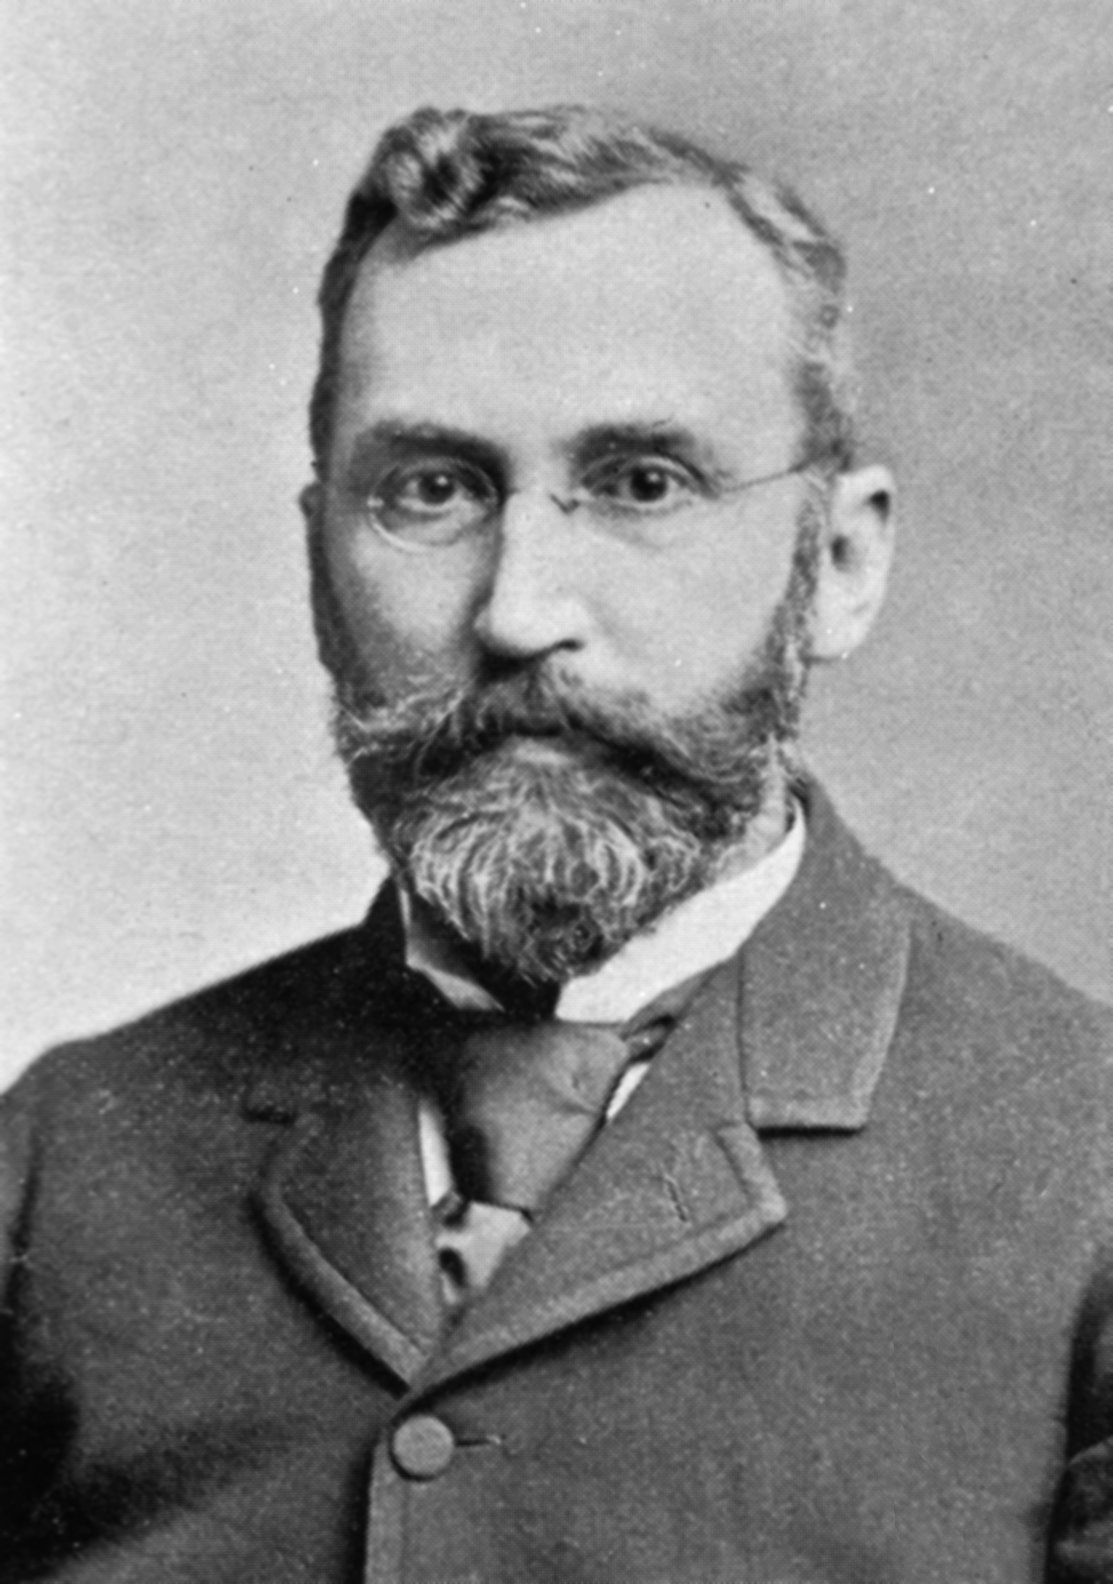 Dr. George M. Gould Edward Mordrake